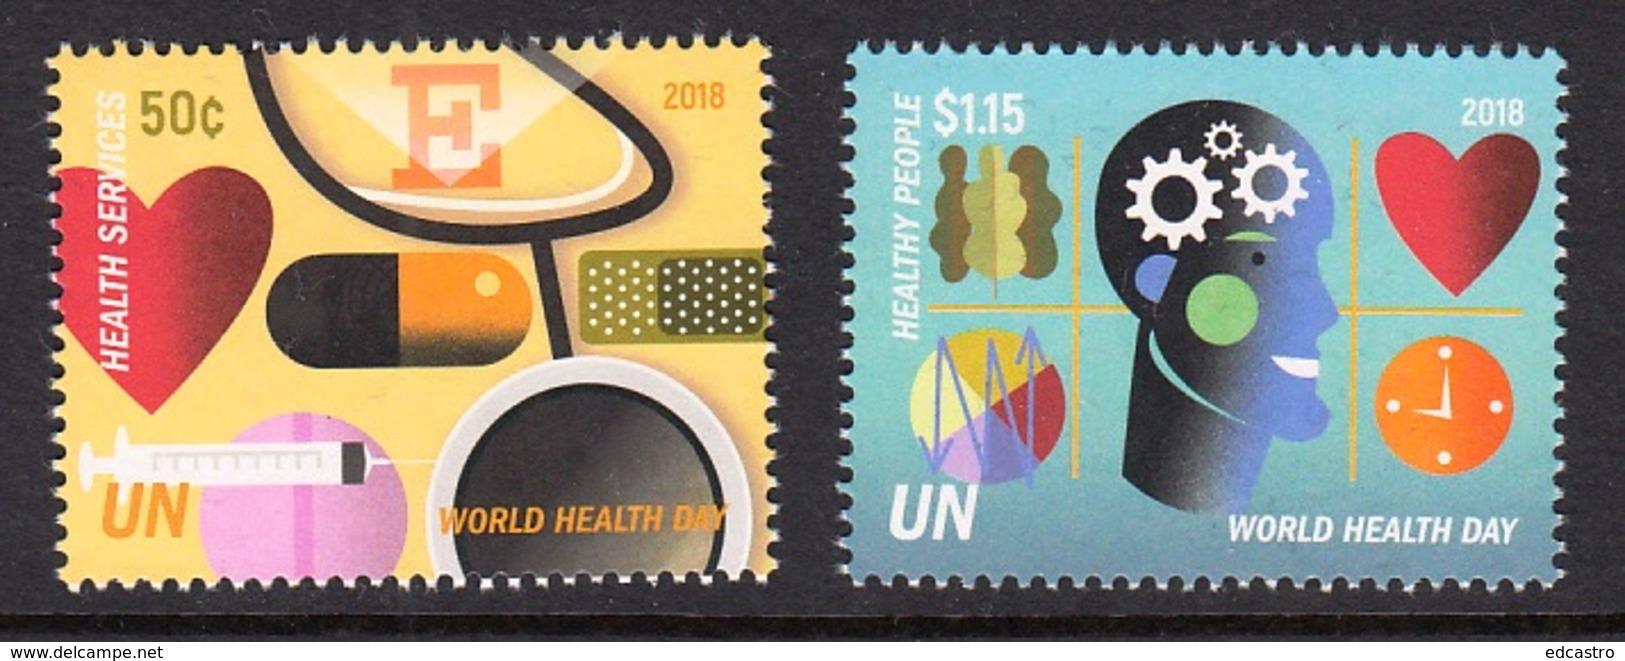 4.- UNITED NATIONS 2018 WORLD HEALTH DAY - New York - Sede De La Organización De Las NU